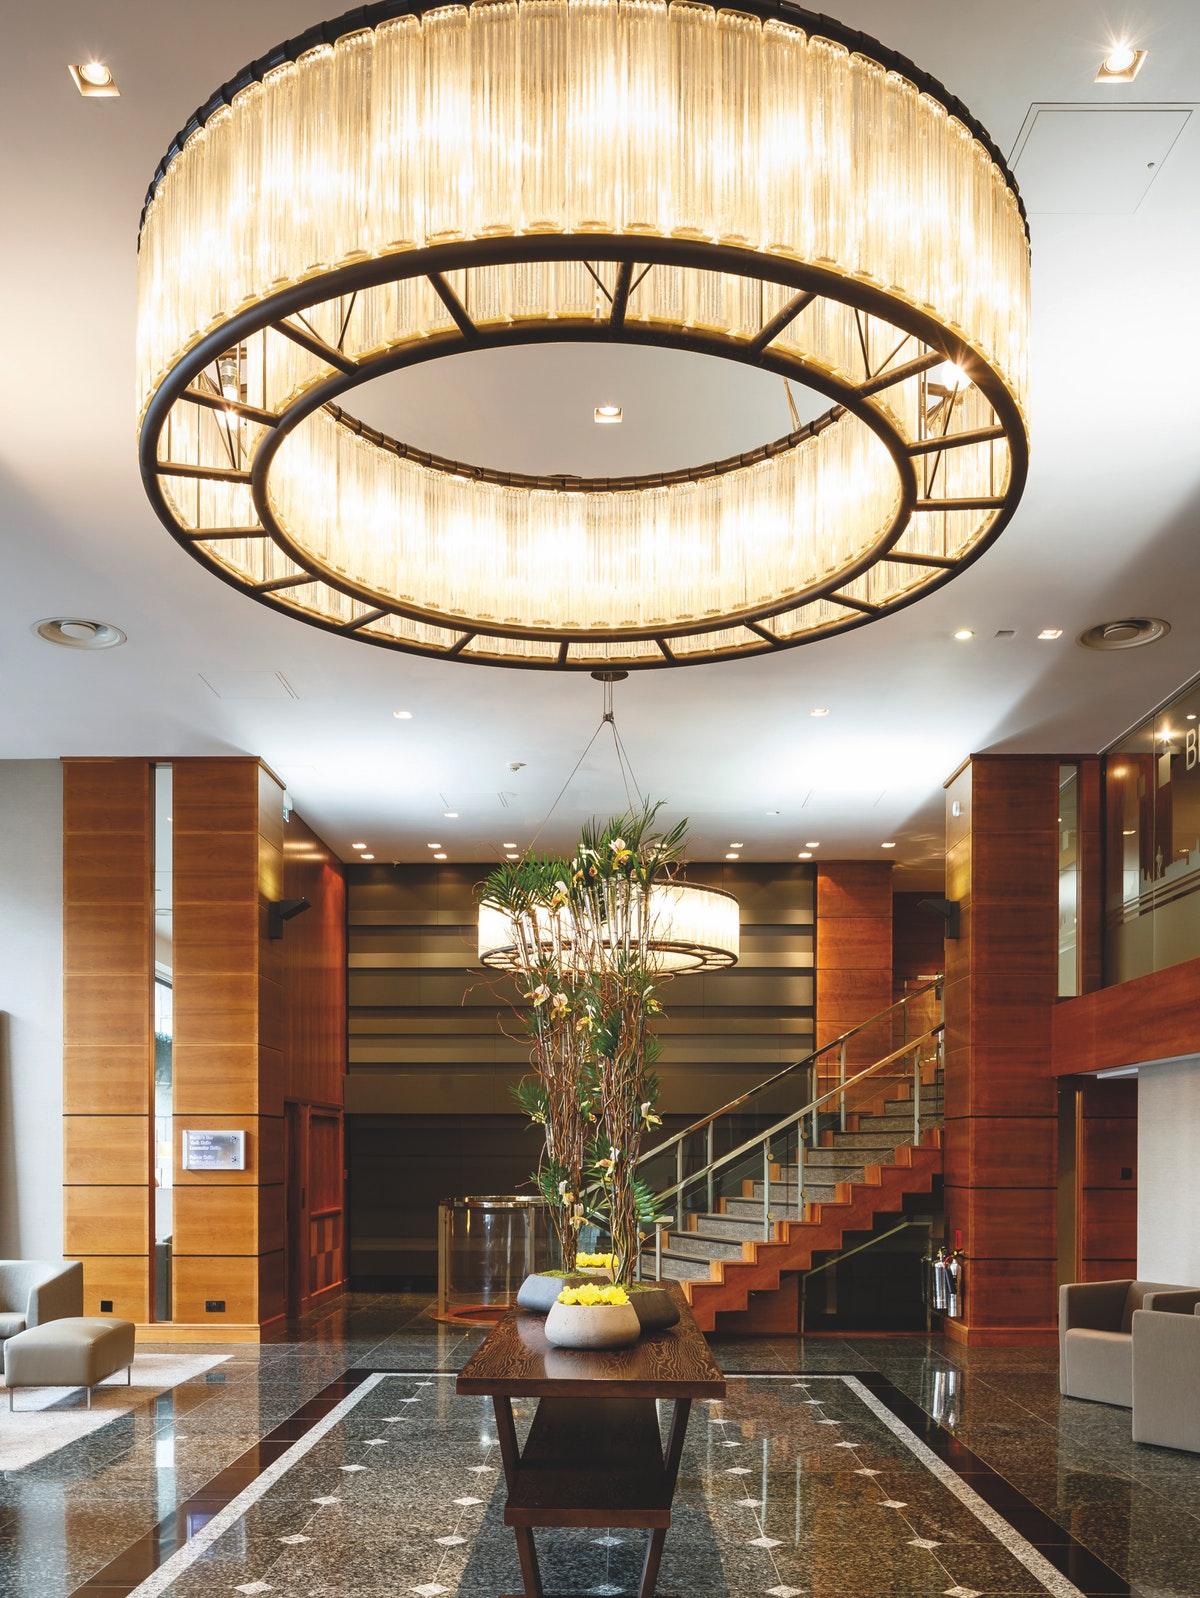 Venue focus: Royal Garden Hotel